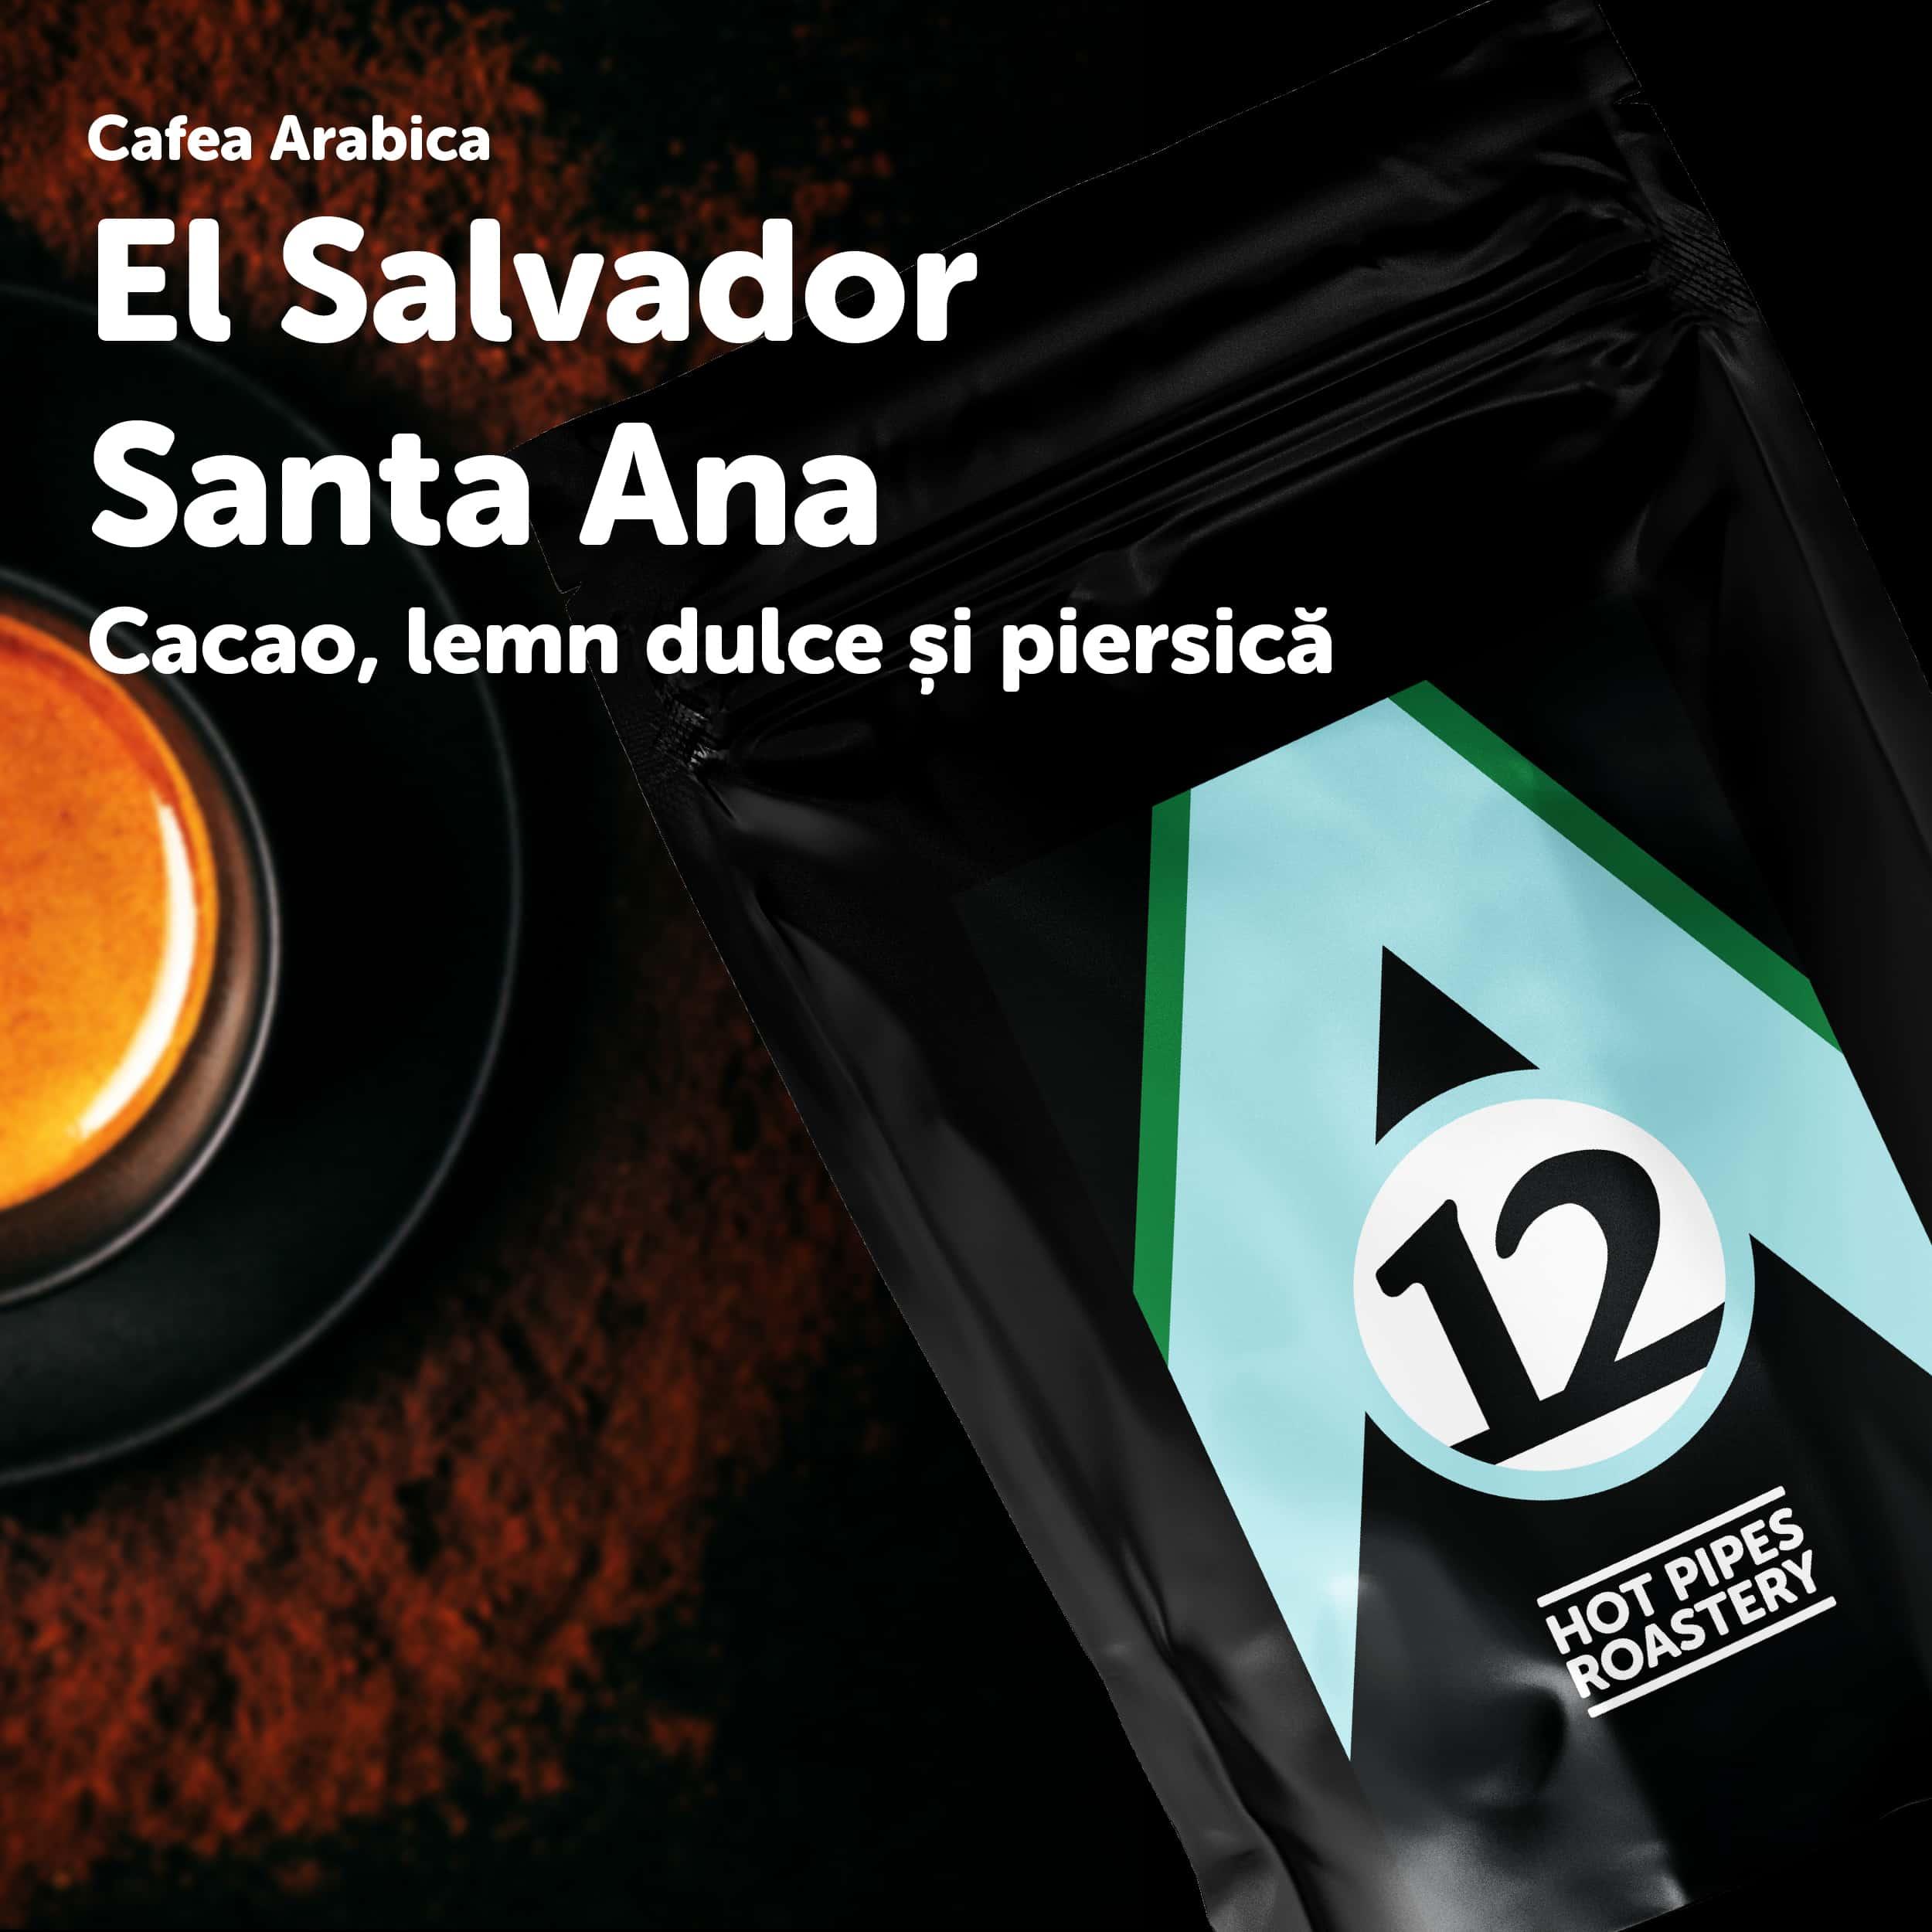 El Salvador Santa Ana 1200x1200 01